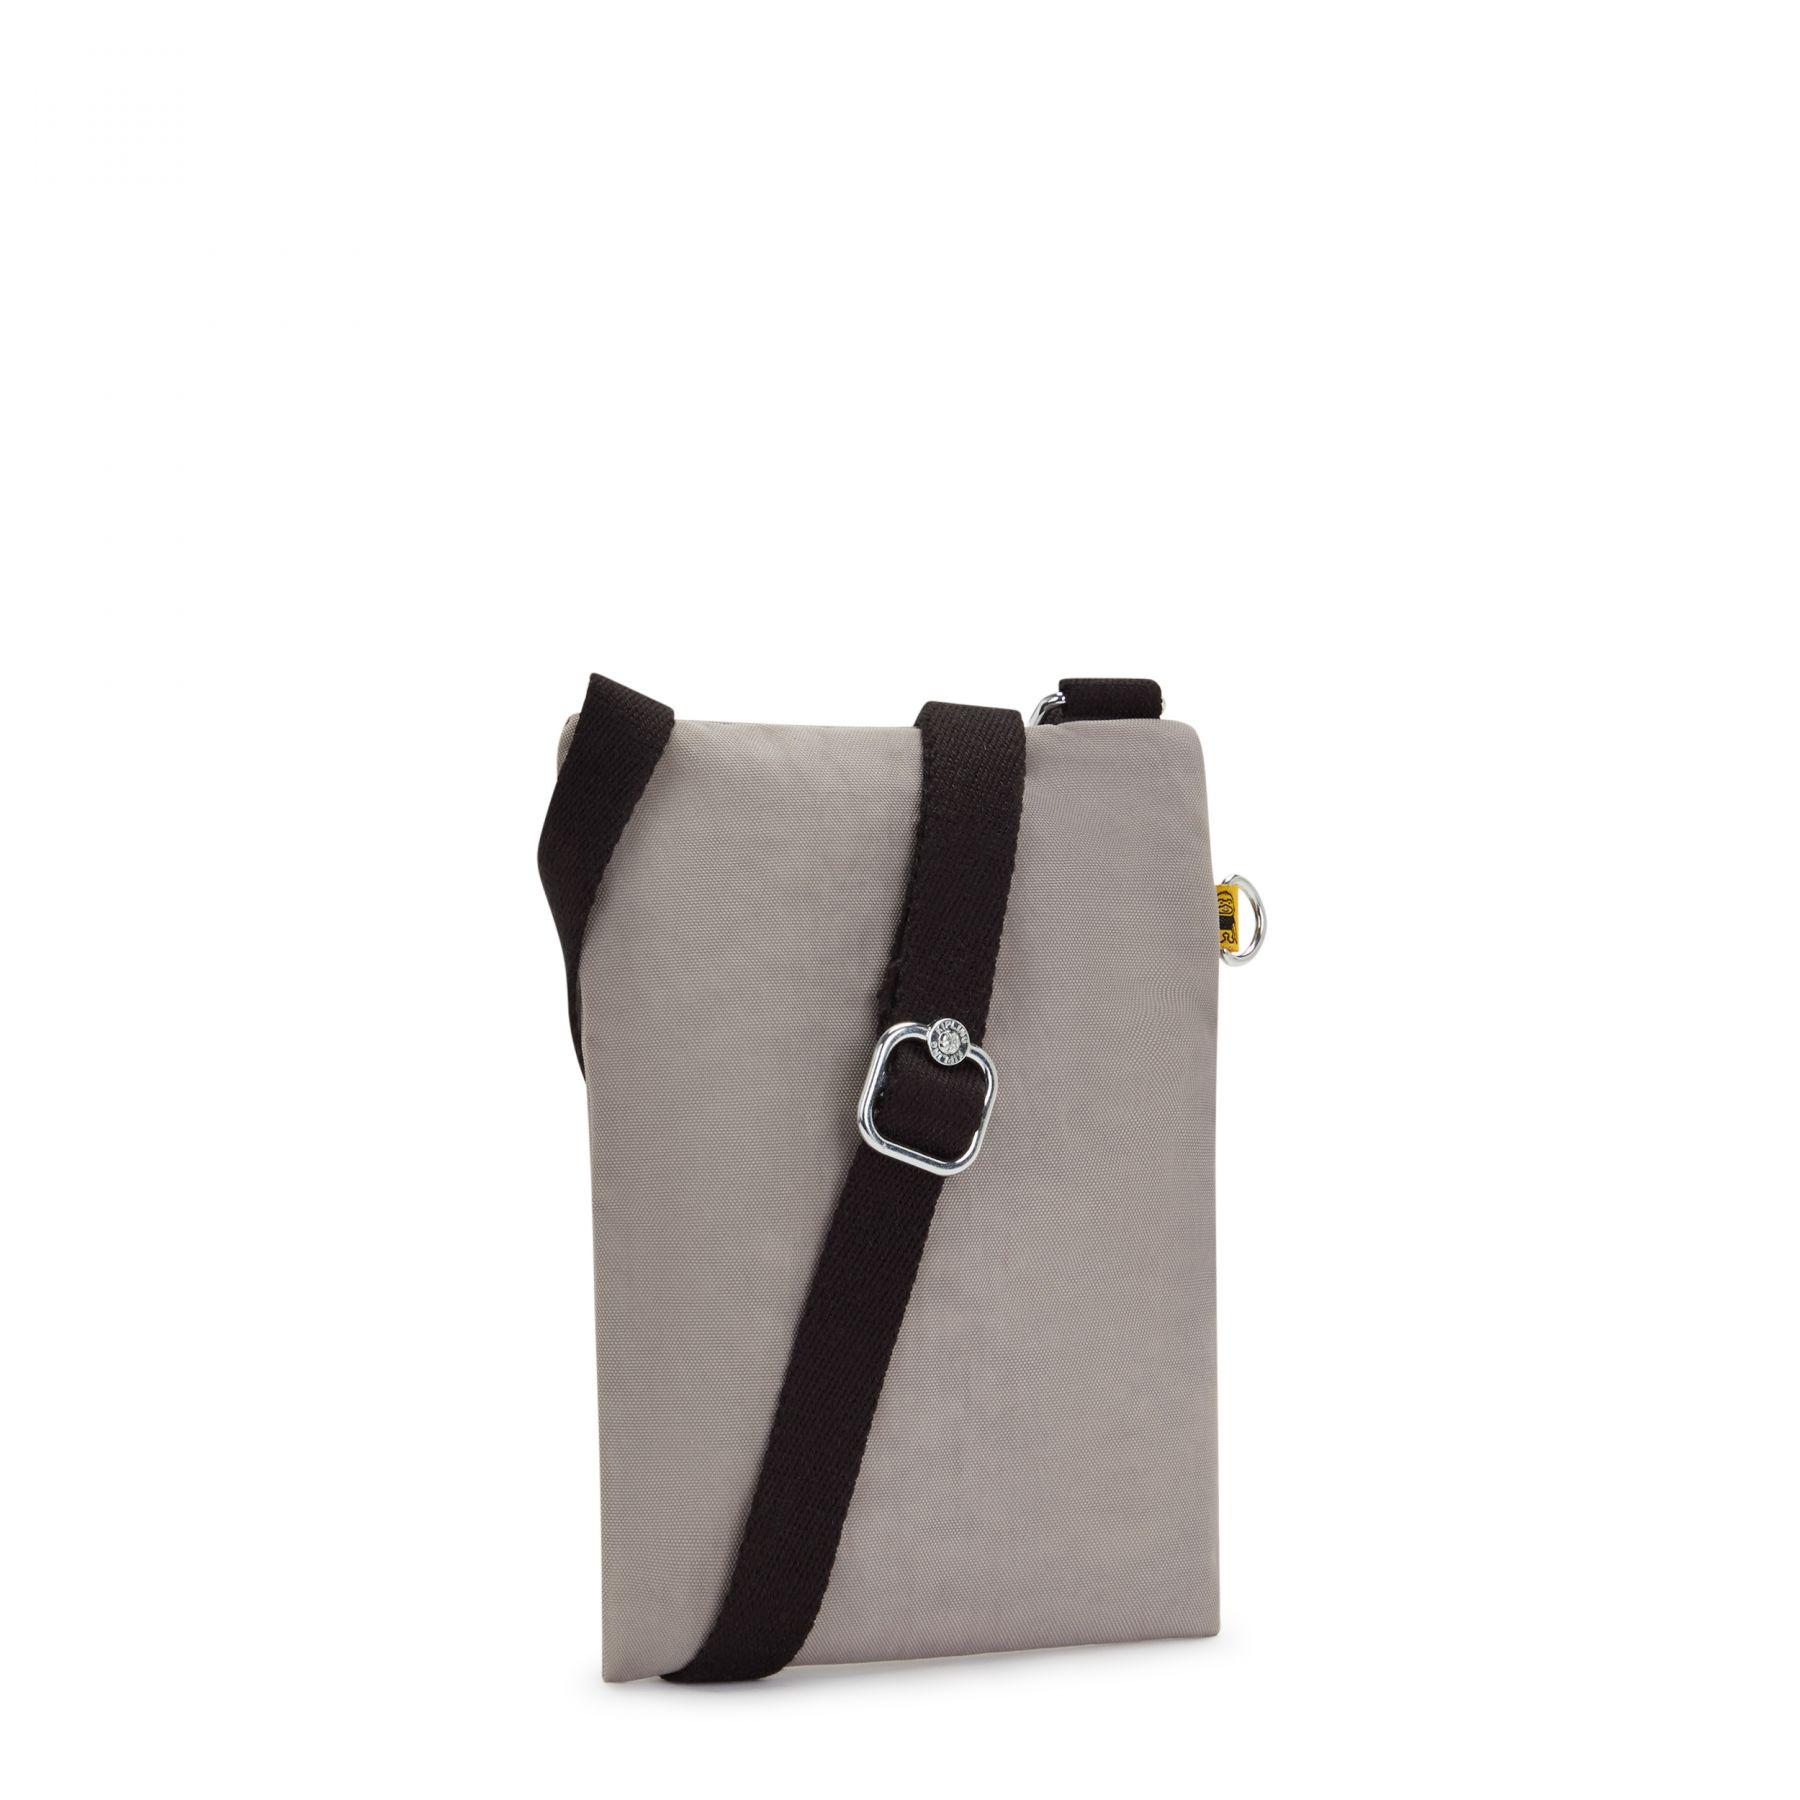 AFIA LITE BAGS by Kipling - Back view